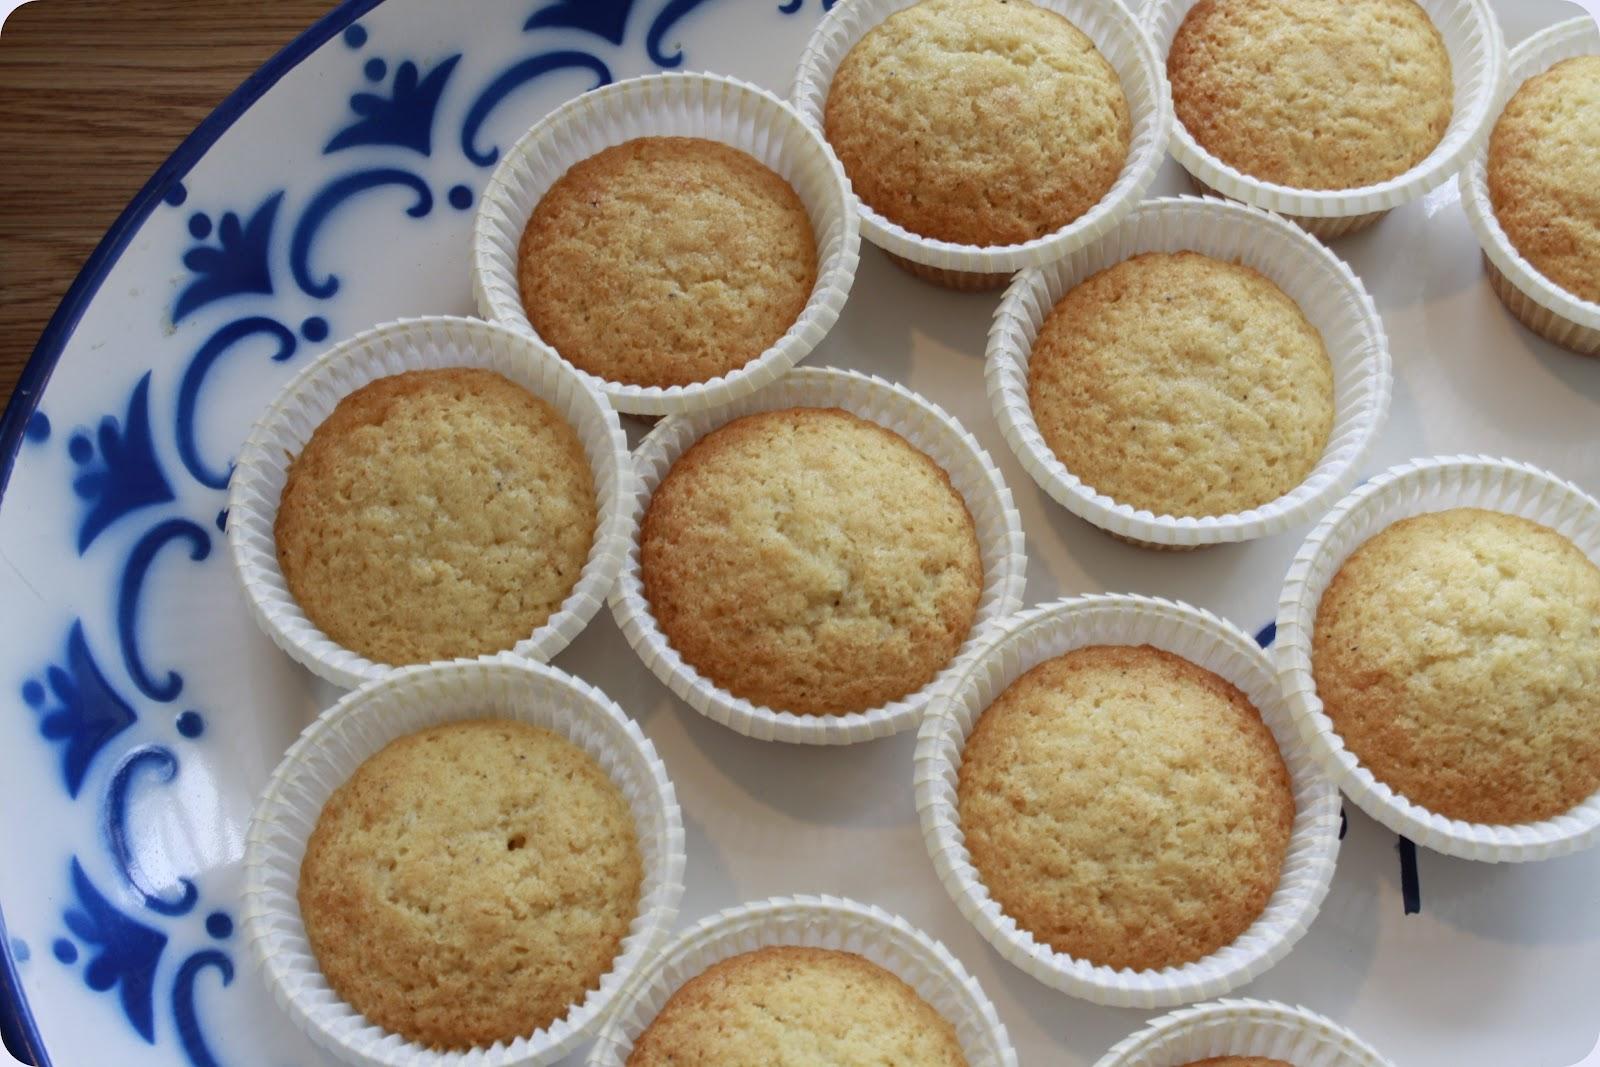 muffins uten egg melk og mel